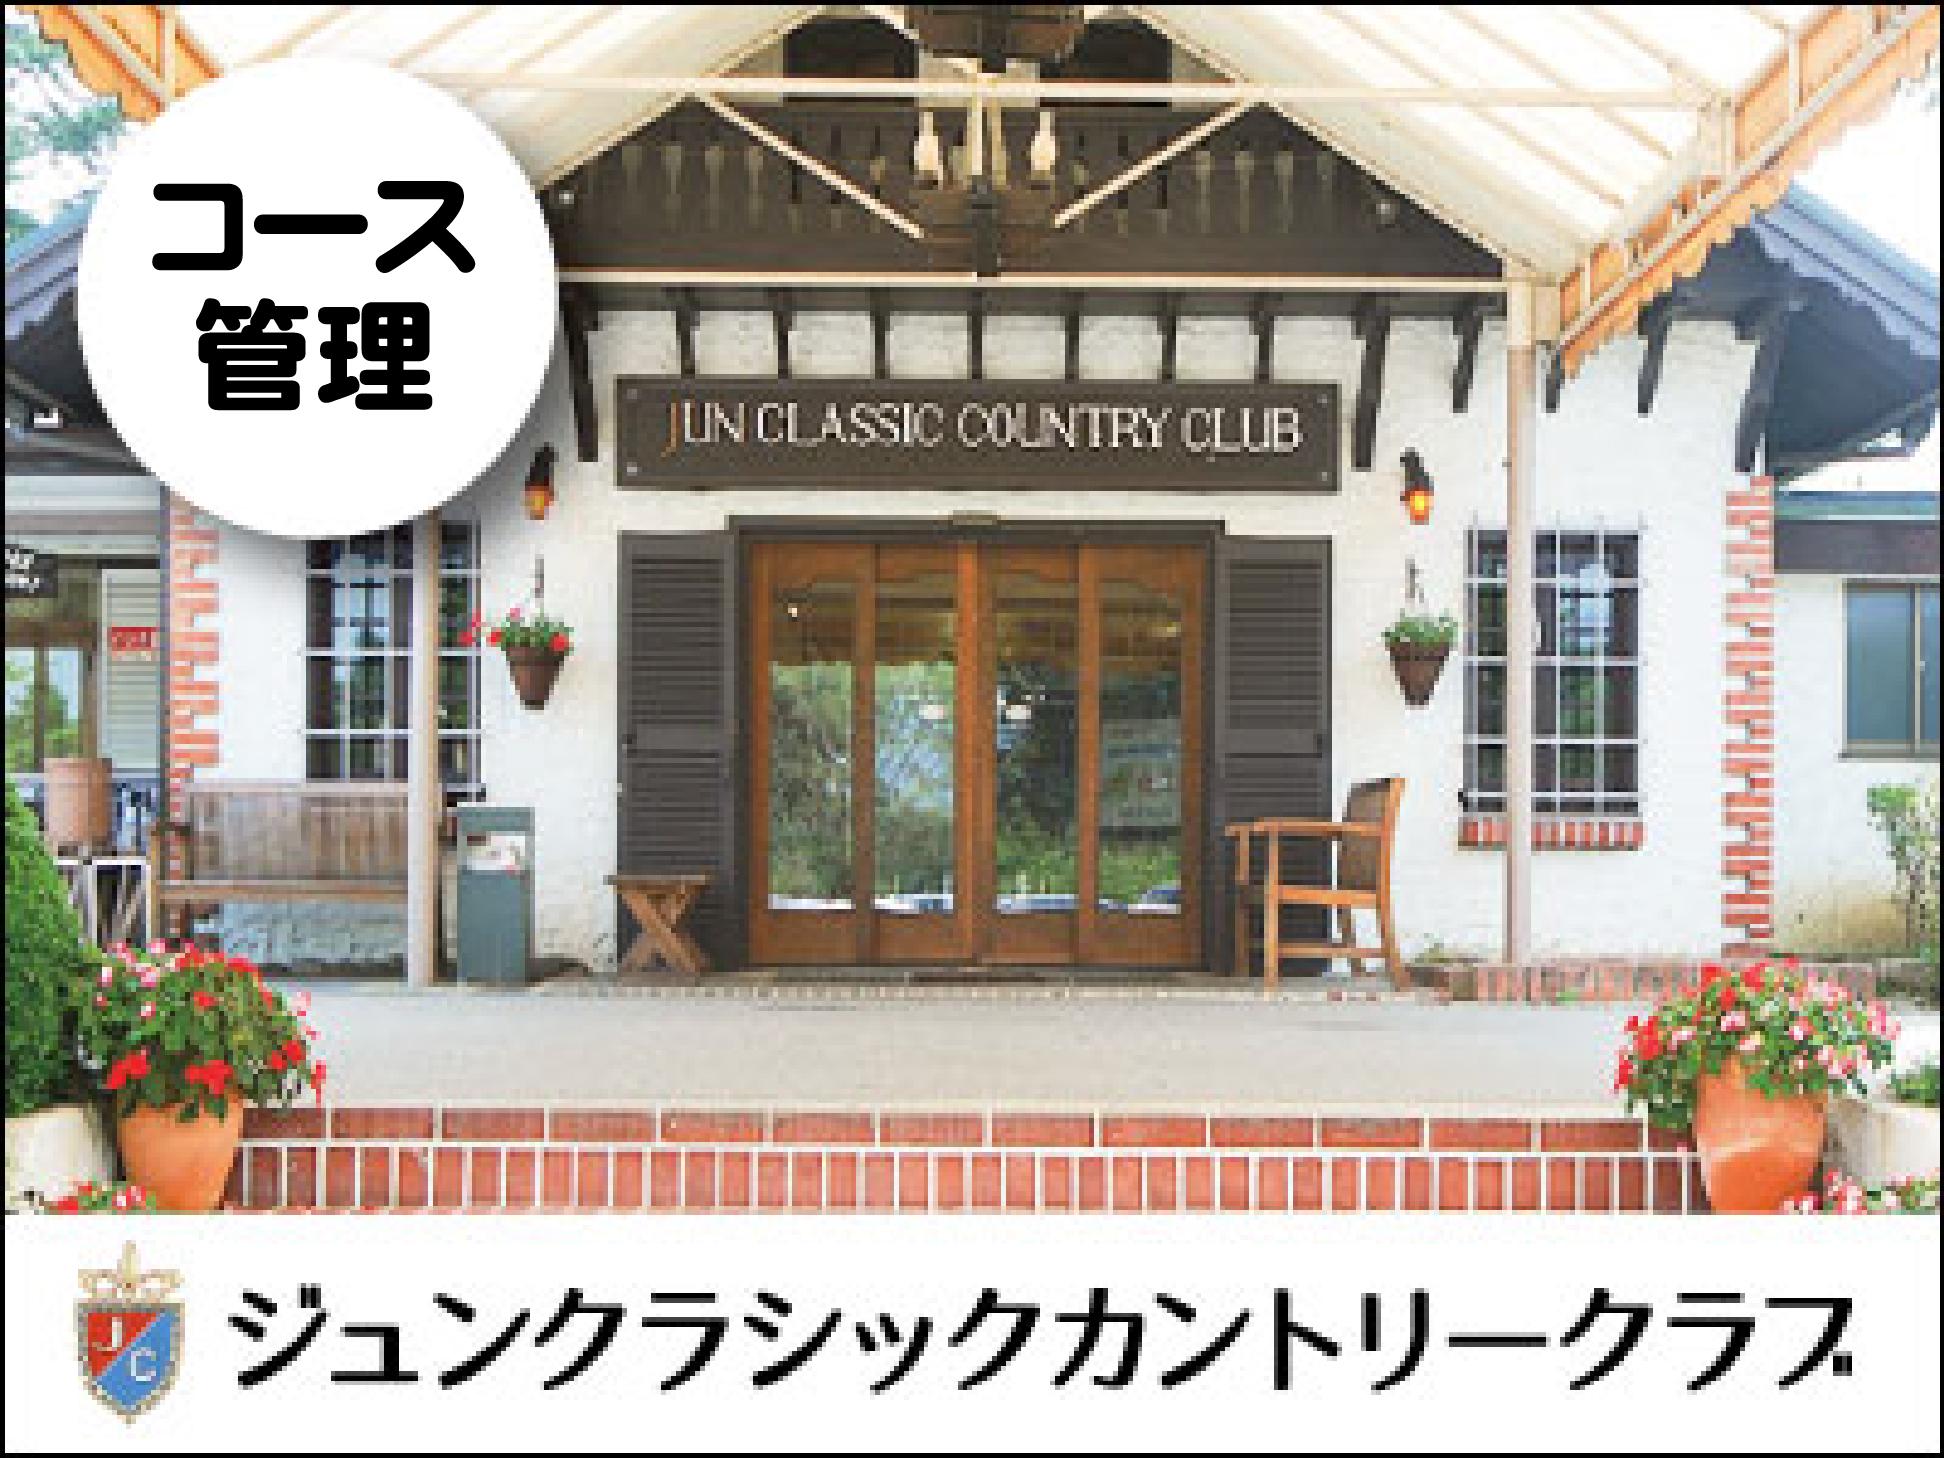 ジュンクラシックカントリークラブ【コース管理(芝生の整備等)】の求人情報